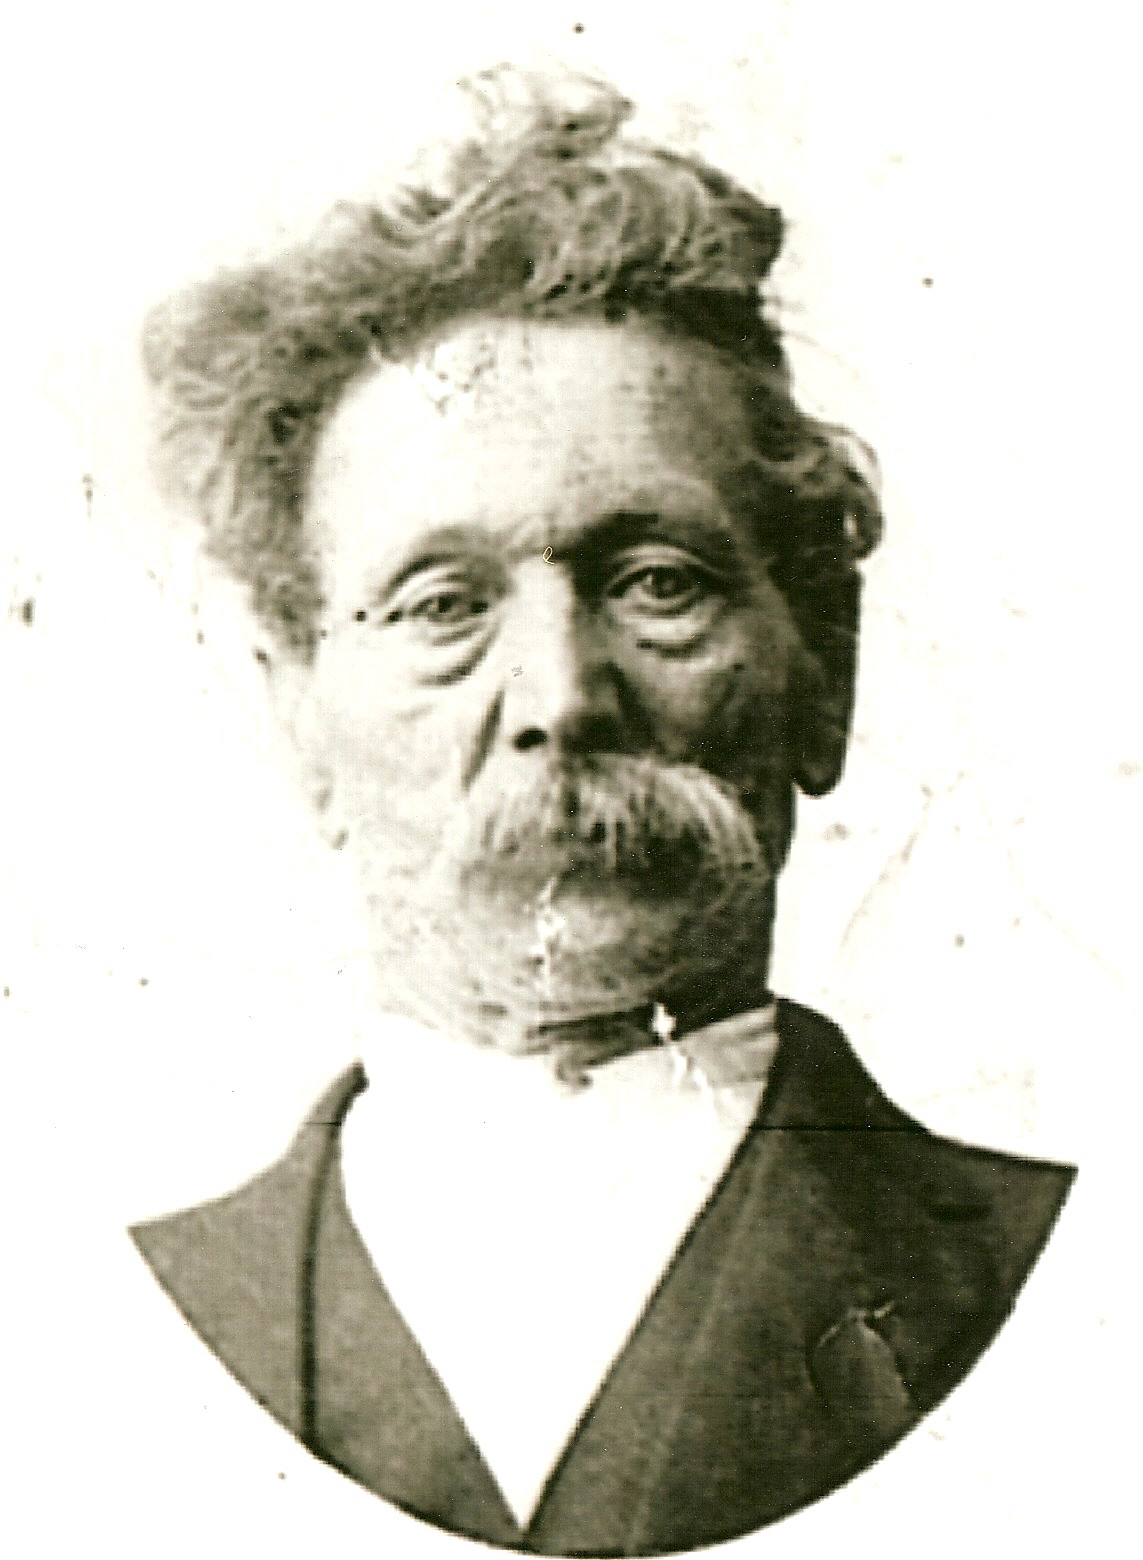 Frank Franz Schnobrich